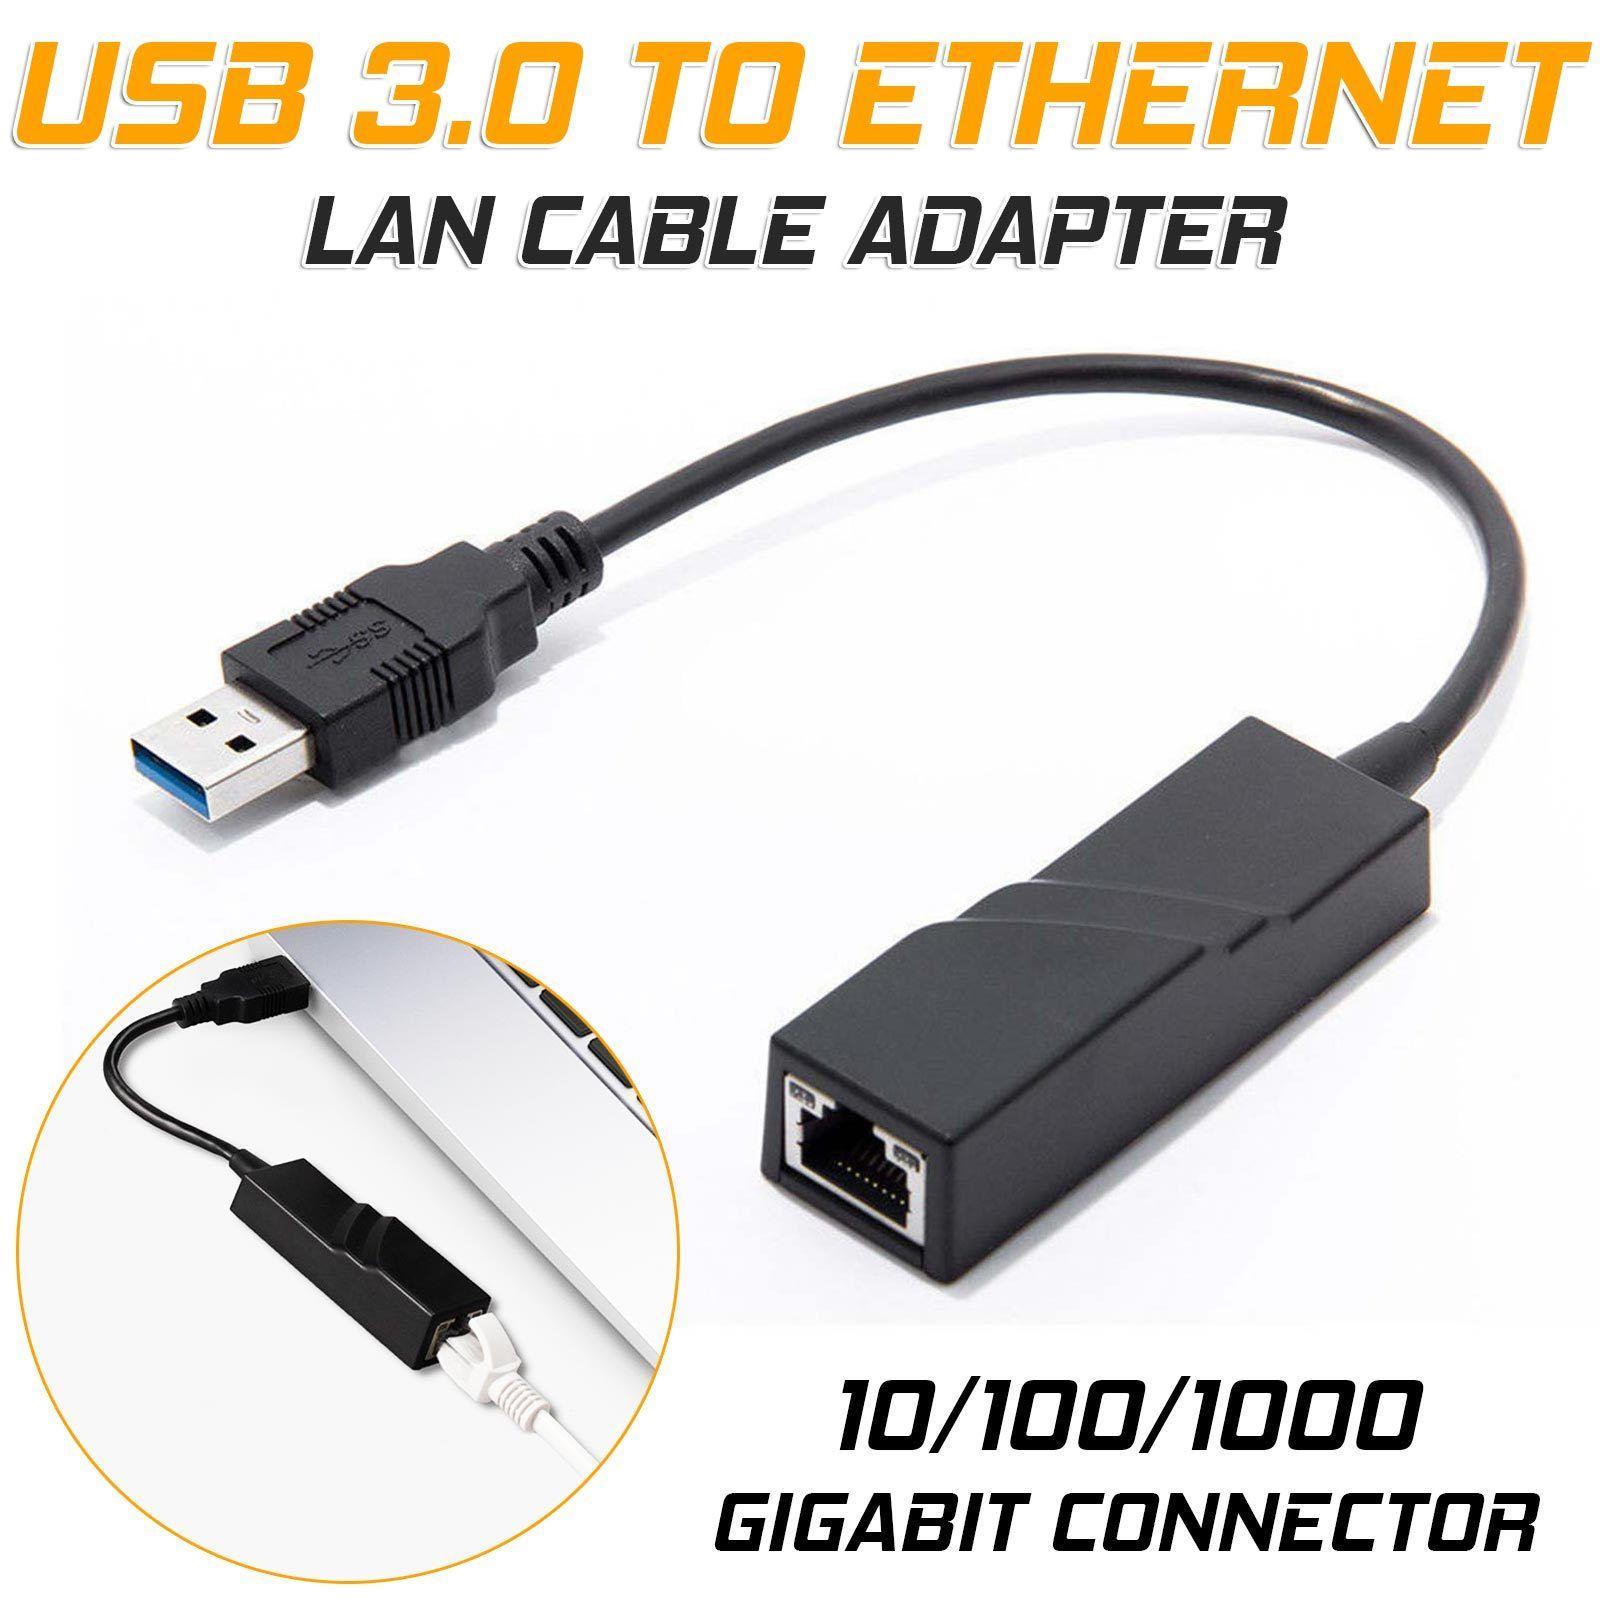 USB 3.0 to Ethernet LAN Internet Cable Adapter Gigabit 10/100/1000 Mbps Hub black